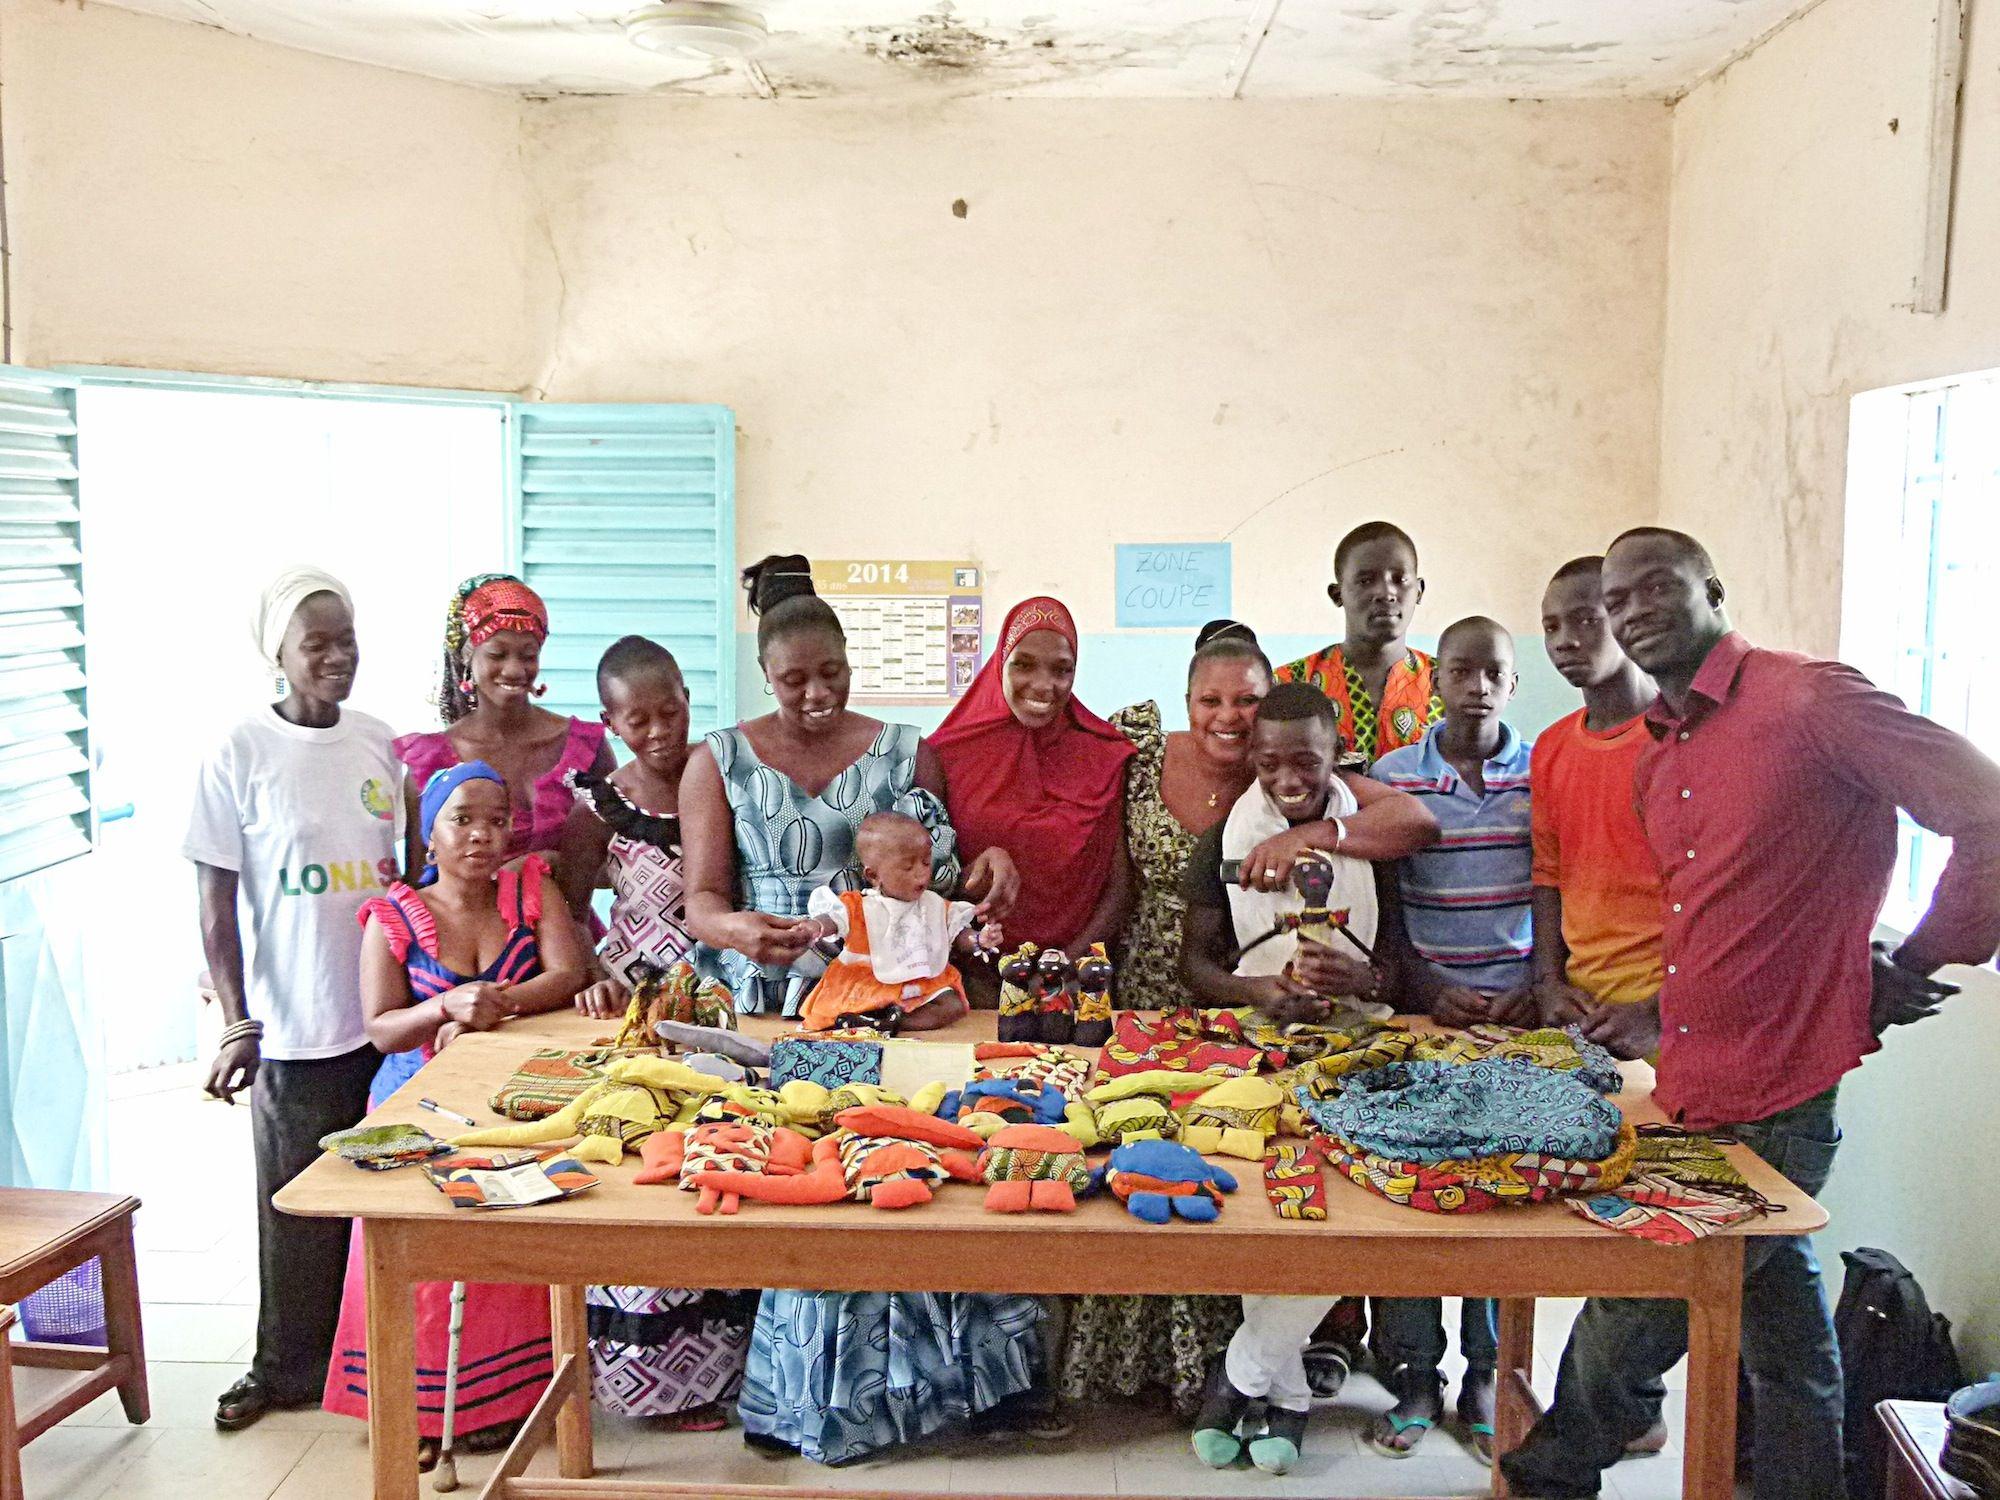 Productores artesanos participantes en el proyecto Free Design Bank de la CEU UCH en Kenia.